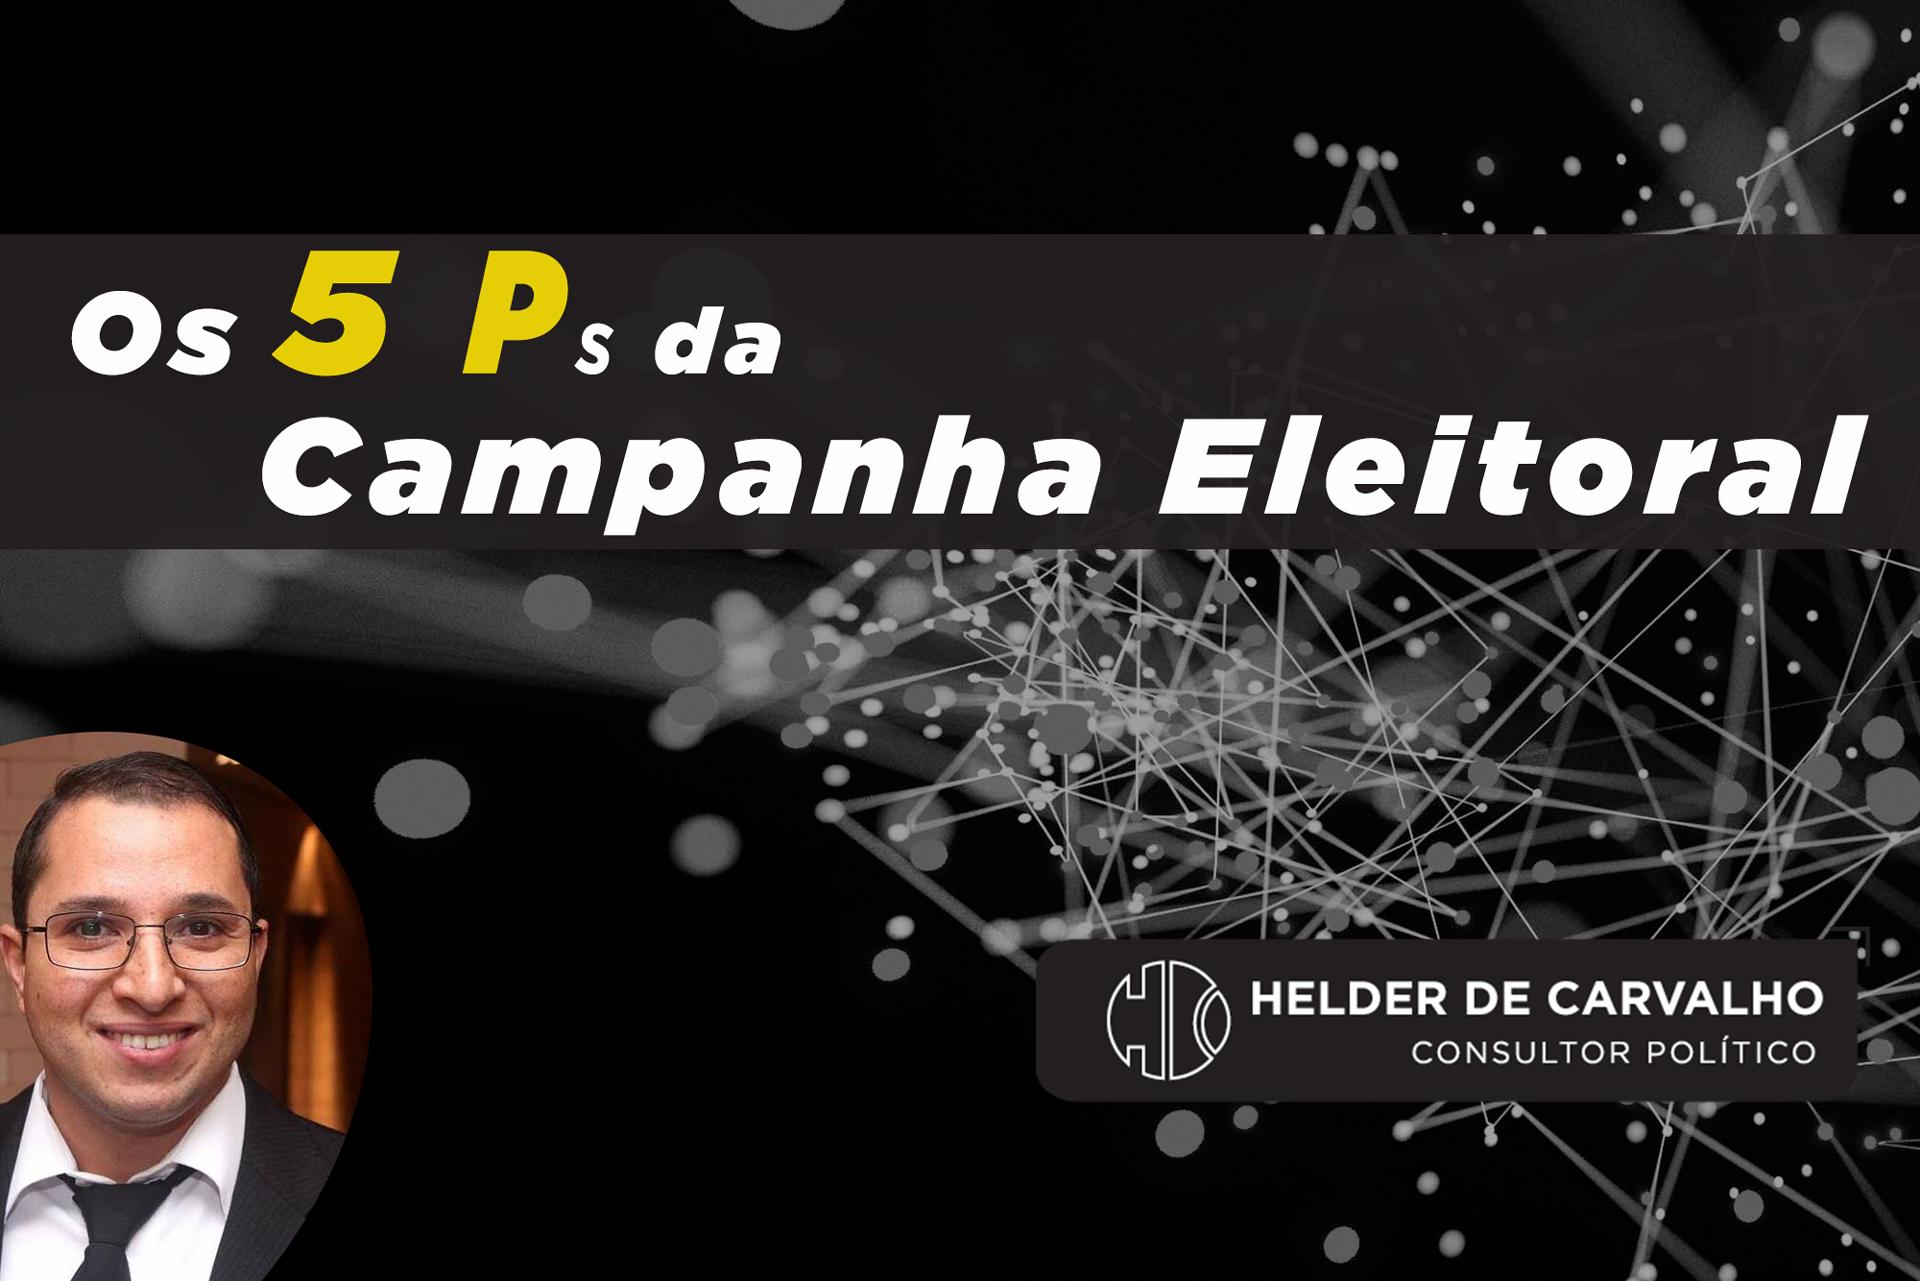 Os 5 Ps da Campanha Eleitoral